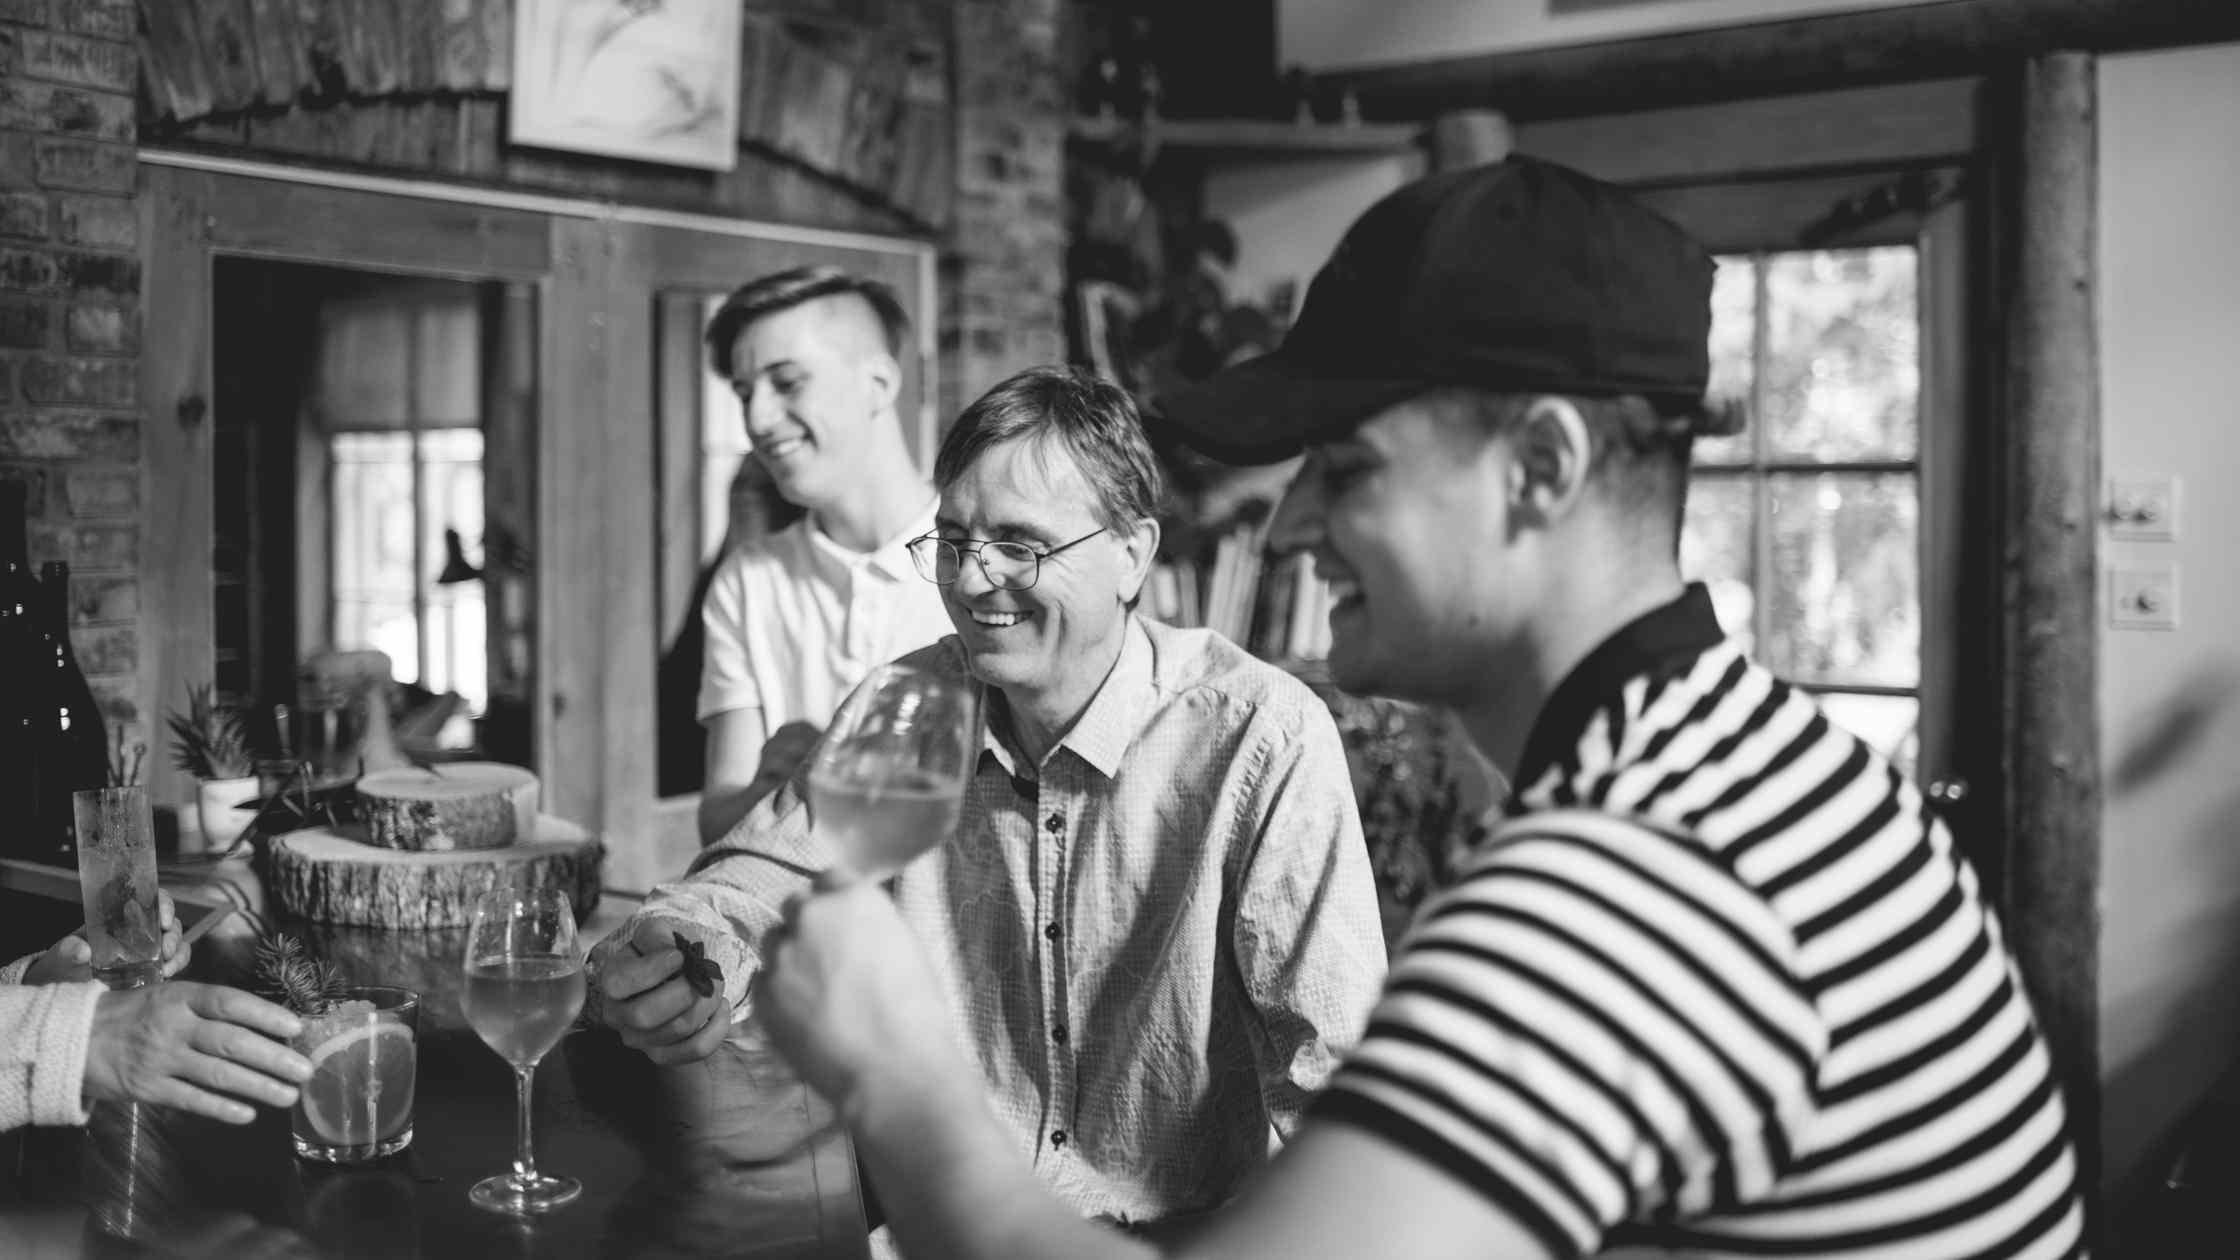 Vallier magnifie le moment avec sa famille en dégustant un verre de Charles-Aimé Robert, un vin doux de sève d'érable, au Témiscouata. | Domaine Acer